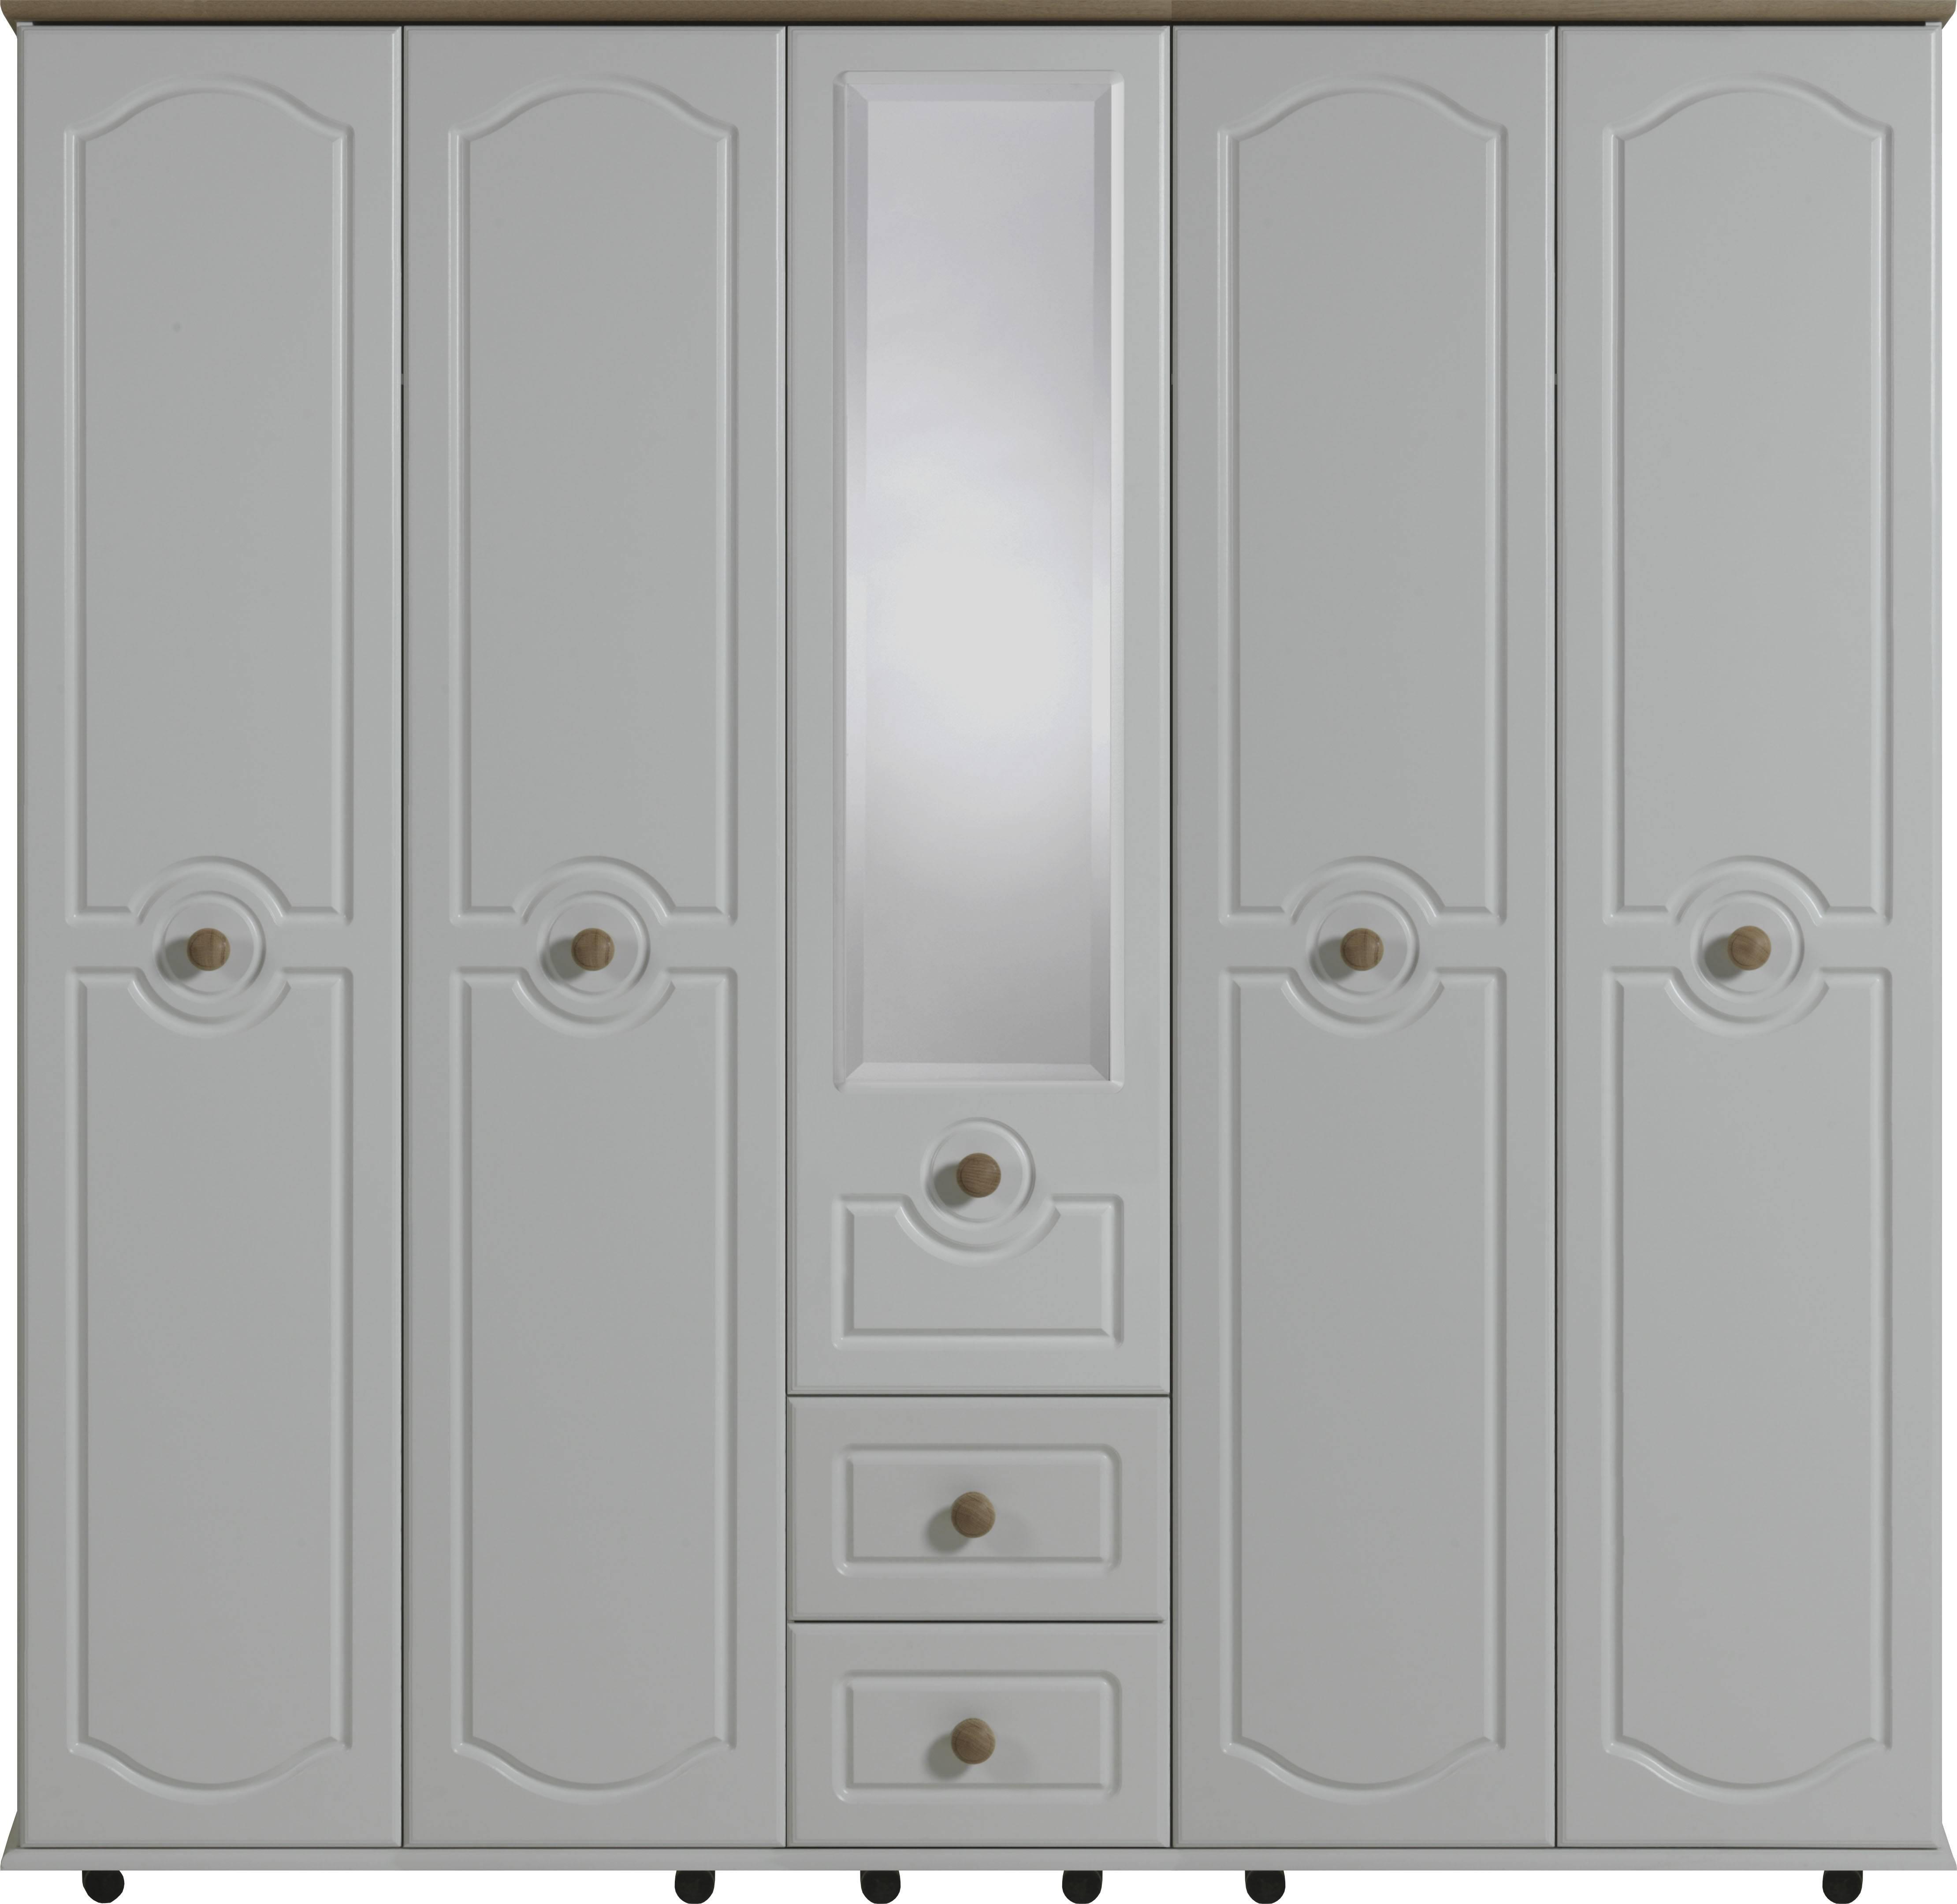 Bledlow 5 Door Wardrobe With 1 Mirror And 2 Drawers | Crendon Beds In 5 Door Wardrobes (View 15 of 15)